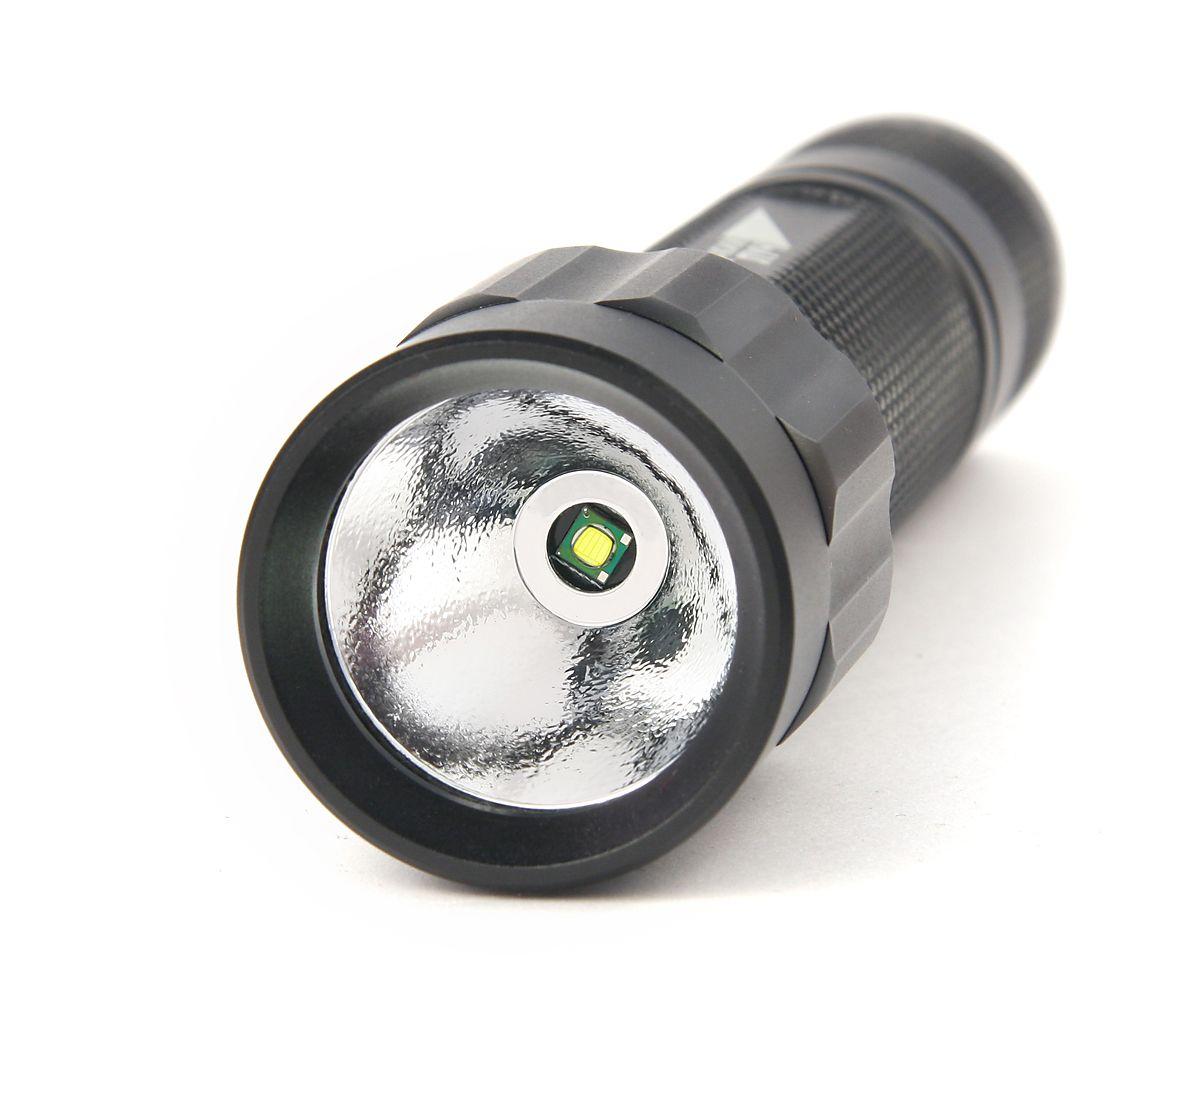 Фонарь подствольный Яркий Луч T8. Hunter4606400613657Тактический подствольный фонарь Яркий Луч T8. Hunter: Отличается несложной установкой практически на все виды винтовок и ружей, в том числе оснащенных оптическими прицелами (диаметр кольца 25 мм) и/или дополнительными магазинами. Источник света: яркий светодиод CREE XP-G R5 400 люмен. Два режима работы: 100%, 30%. Регулируемое крепление для ружей и винтовок на диаметр 17 - 25 мм с шестигранным ключом. Сетевое зарядное устройство 100 – 240 В. Элементы питания литий-ионный аккумулятор 18650 (защищенный) 3.7 В, 2200 мАч, 1 шт. (в комплекте). Время работы: 2 часа непрерывной работы (ANSI). Длина: 130 мм. Вес: 115 г (без элементов питания). Диаметр: 25.5 мм корпус, 33.5 мм головная часть. Рефлектор: алюминиевый, O 28.8 мм. Ремешок на запястье. Чехол для ношения на поясе. Силиконовая смазка SL 6. Корпус алюминиевый сплав: ударопрочность, влагозащищенность IPX7, не подвержен коррозии. Кнопки включения: помимо обычной, выносная кнопка также включена в комплект.